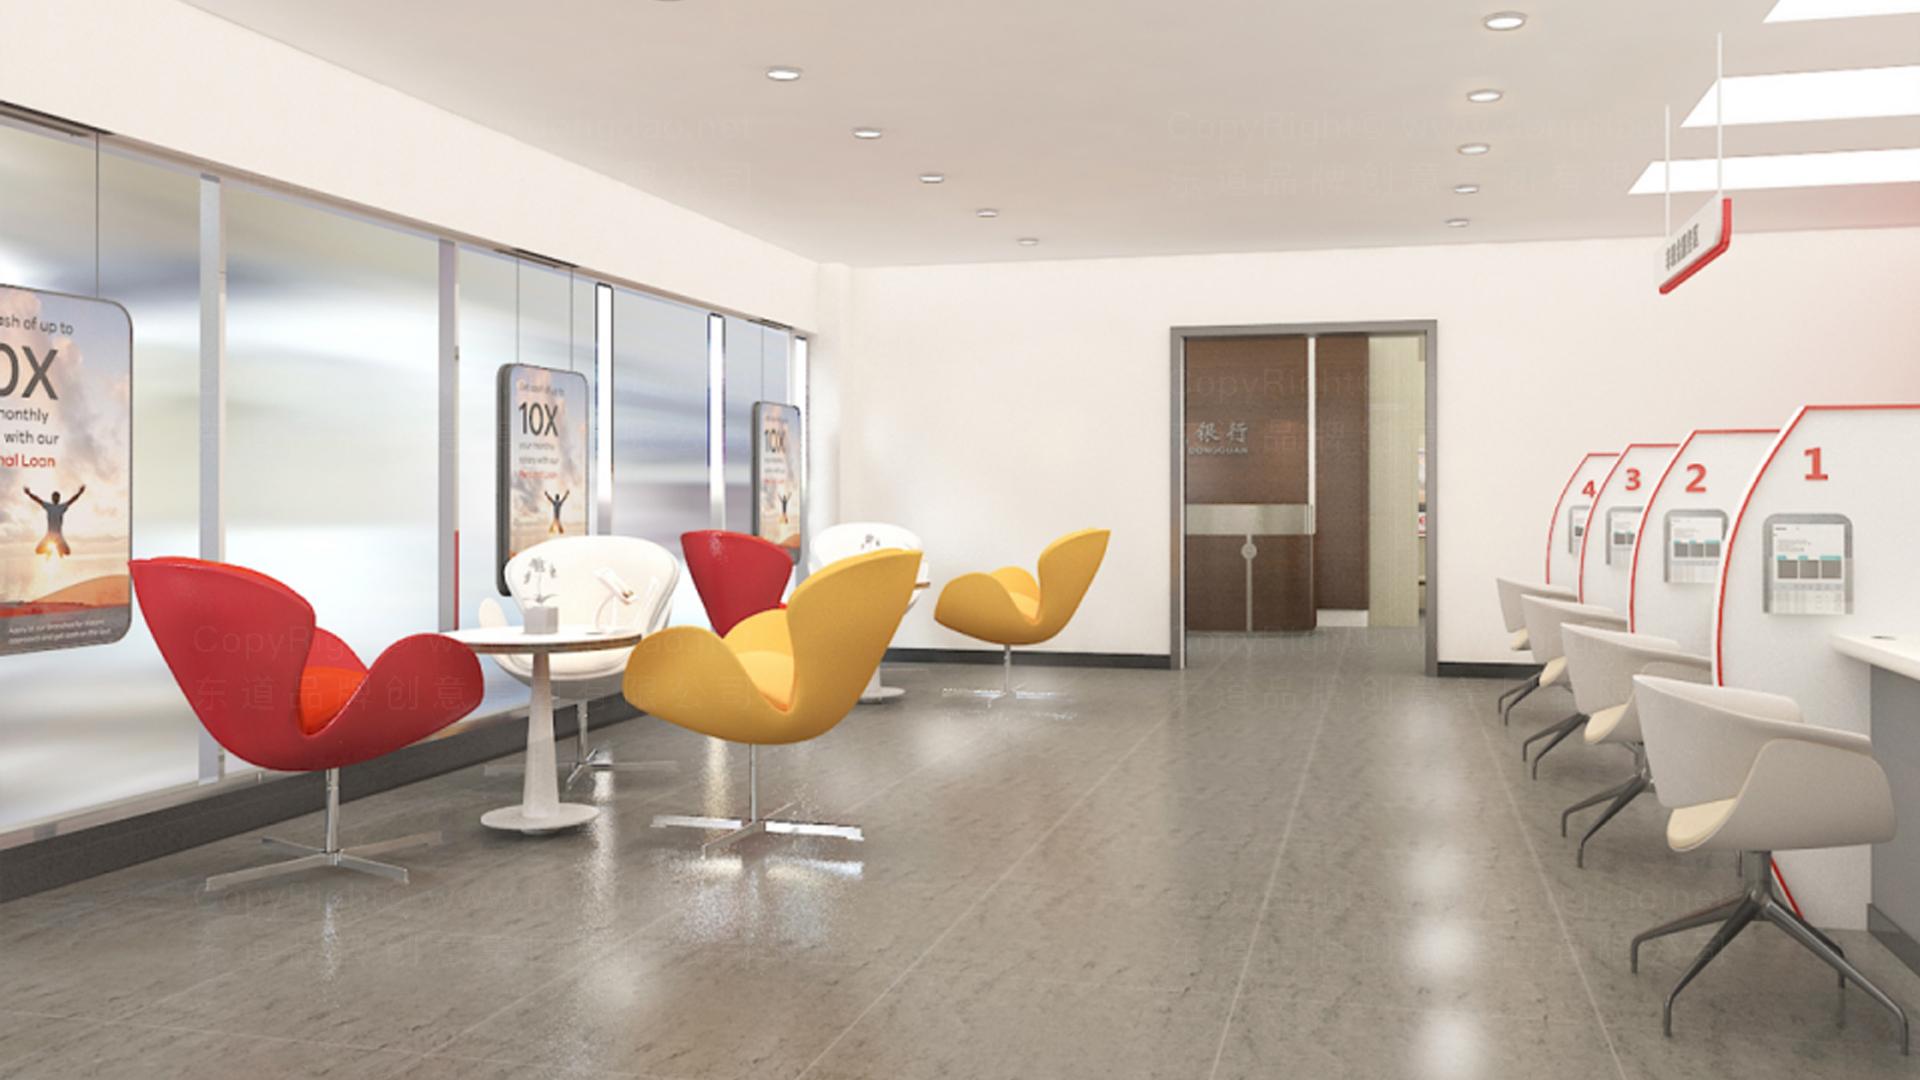 银行金融商业空间&导示东莞银行自助网点SI设计